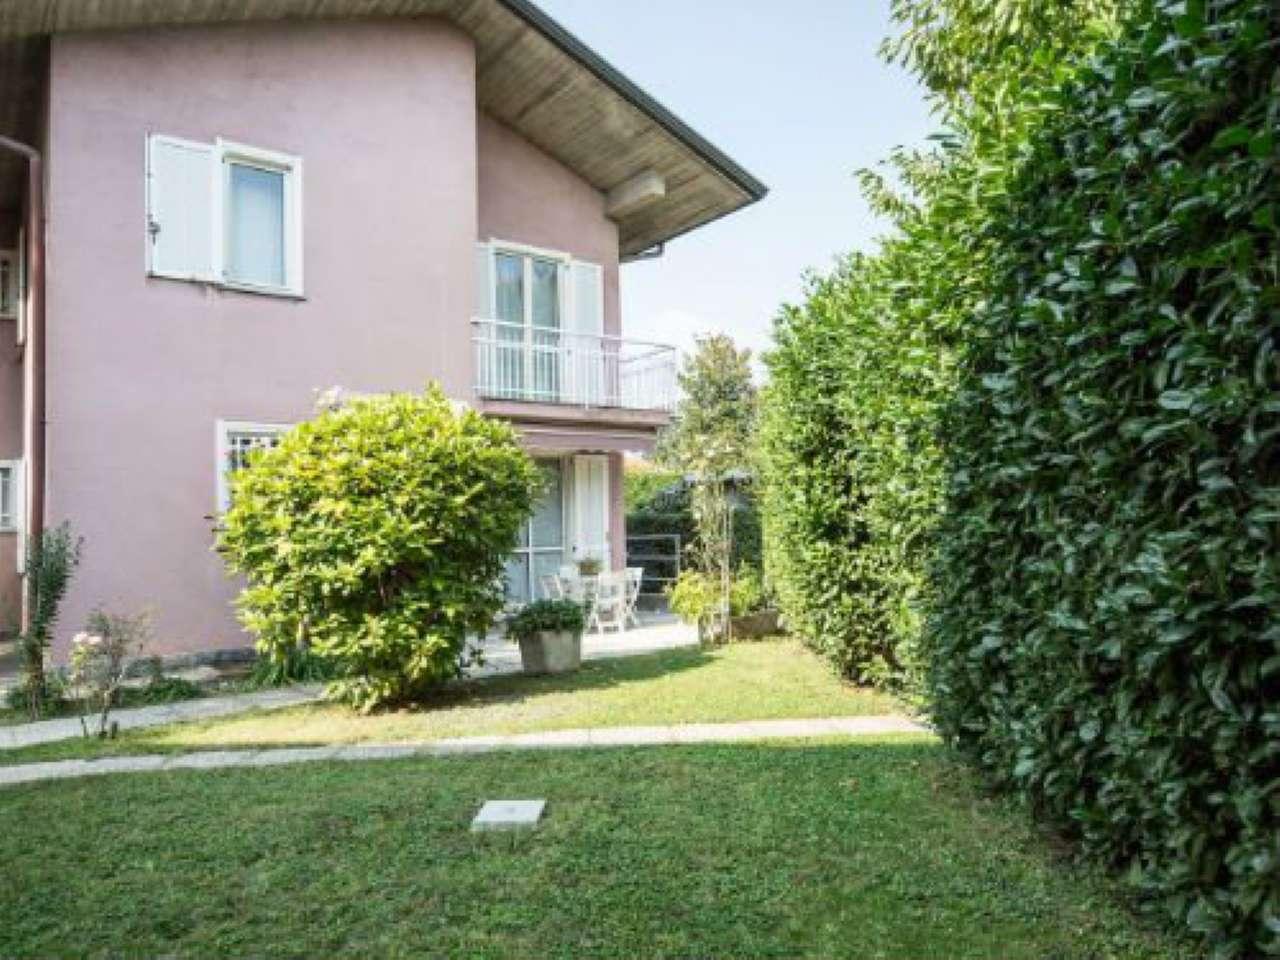 Villetta a schiera in buone condizioni in vendita Rif. 8141264